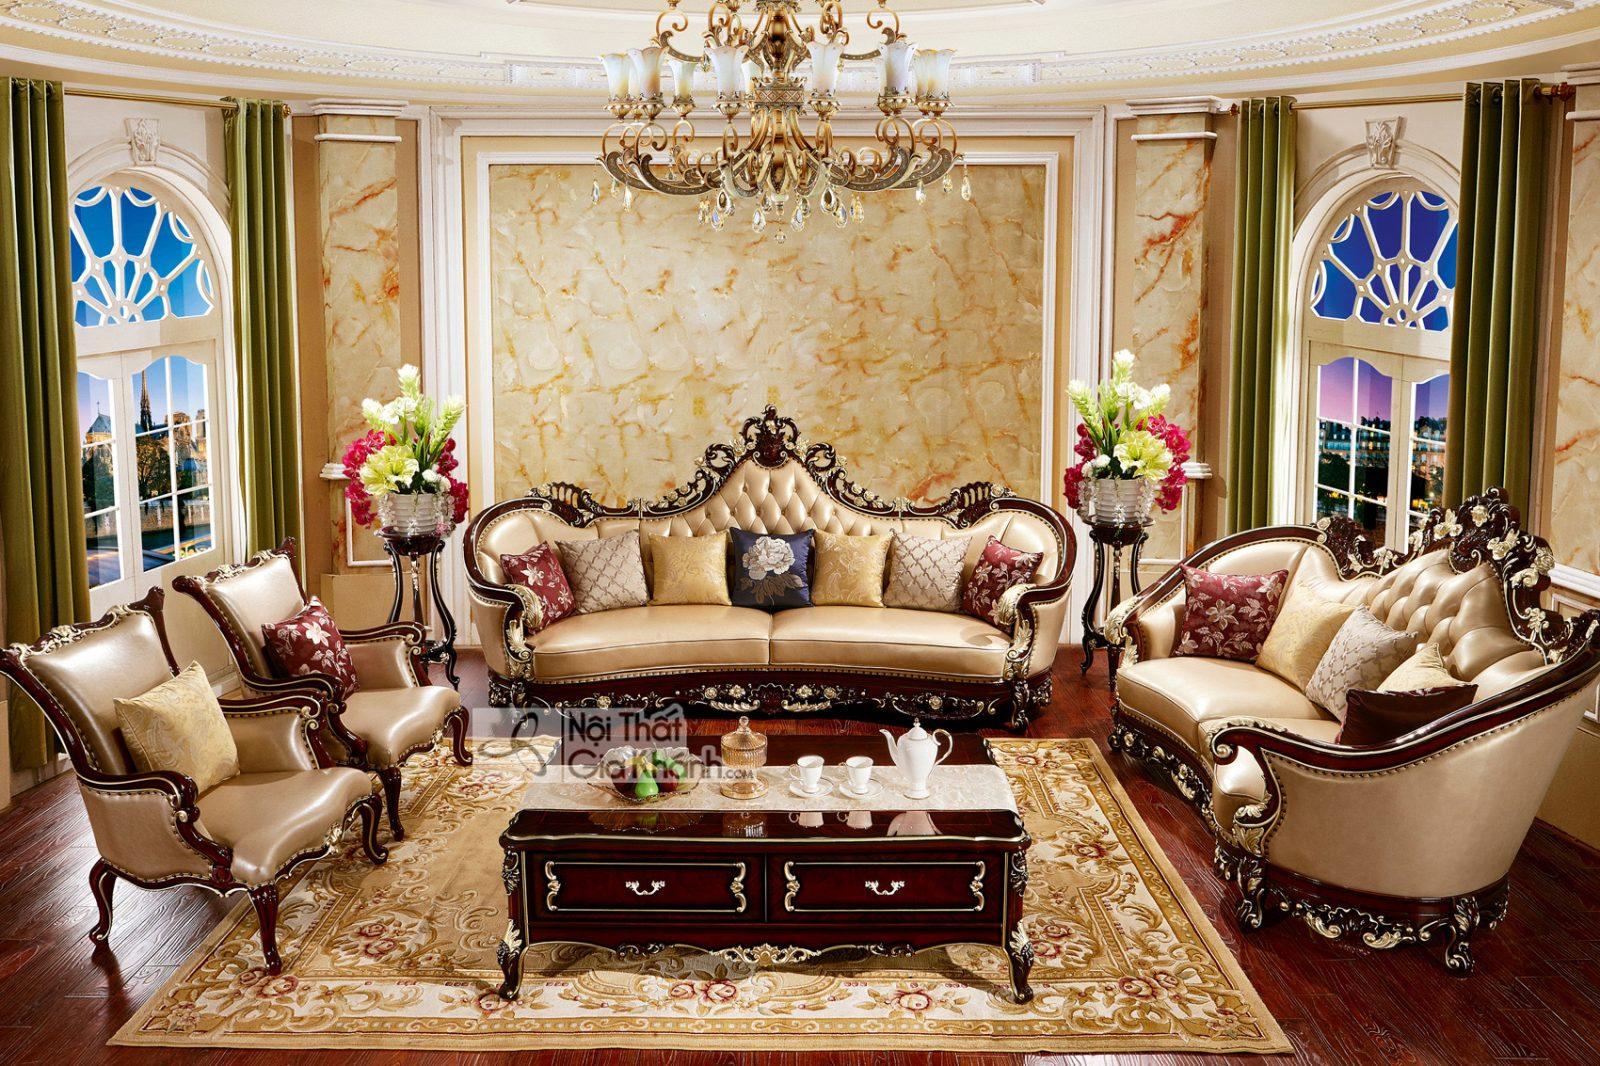 Bộ ghế sofa da nhập khẩu nguyên chiếc SB958G-1124 phong cách quí tộc